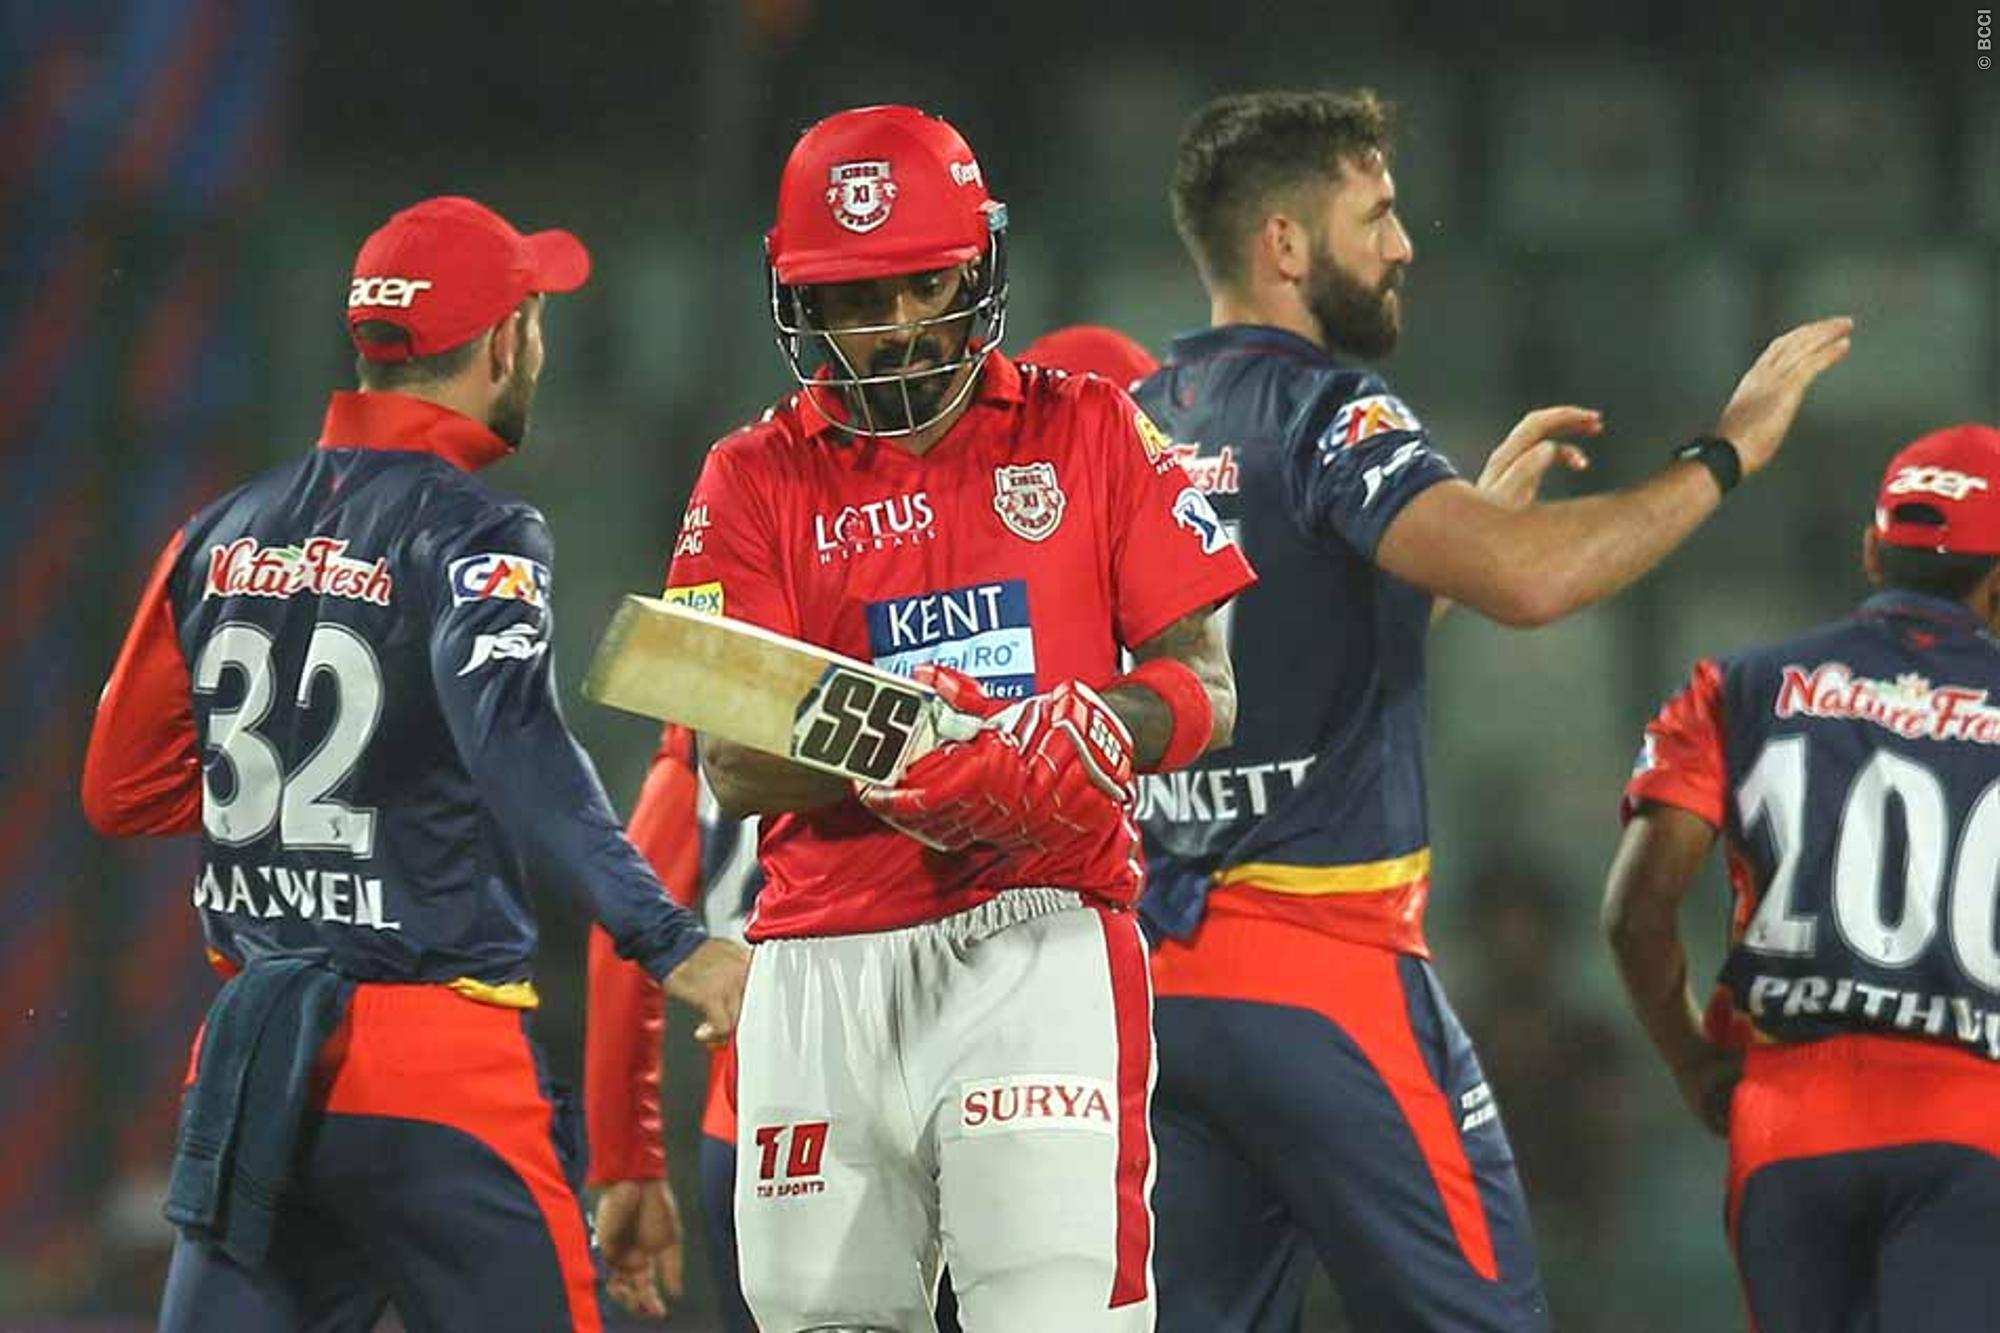 IPL 2018: 6 में से 5 मैच हारने के बाद टुटा गौतम गंभीर के सब्र का बाँध, सीधे तौर पर इन्हें ठहराया हार का जिम्मेदार 1